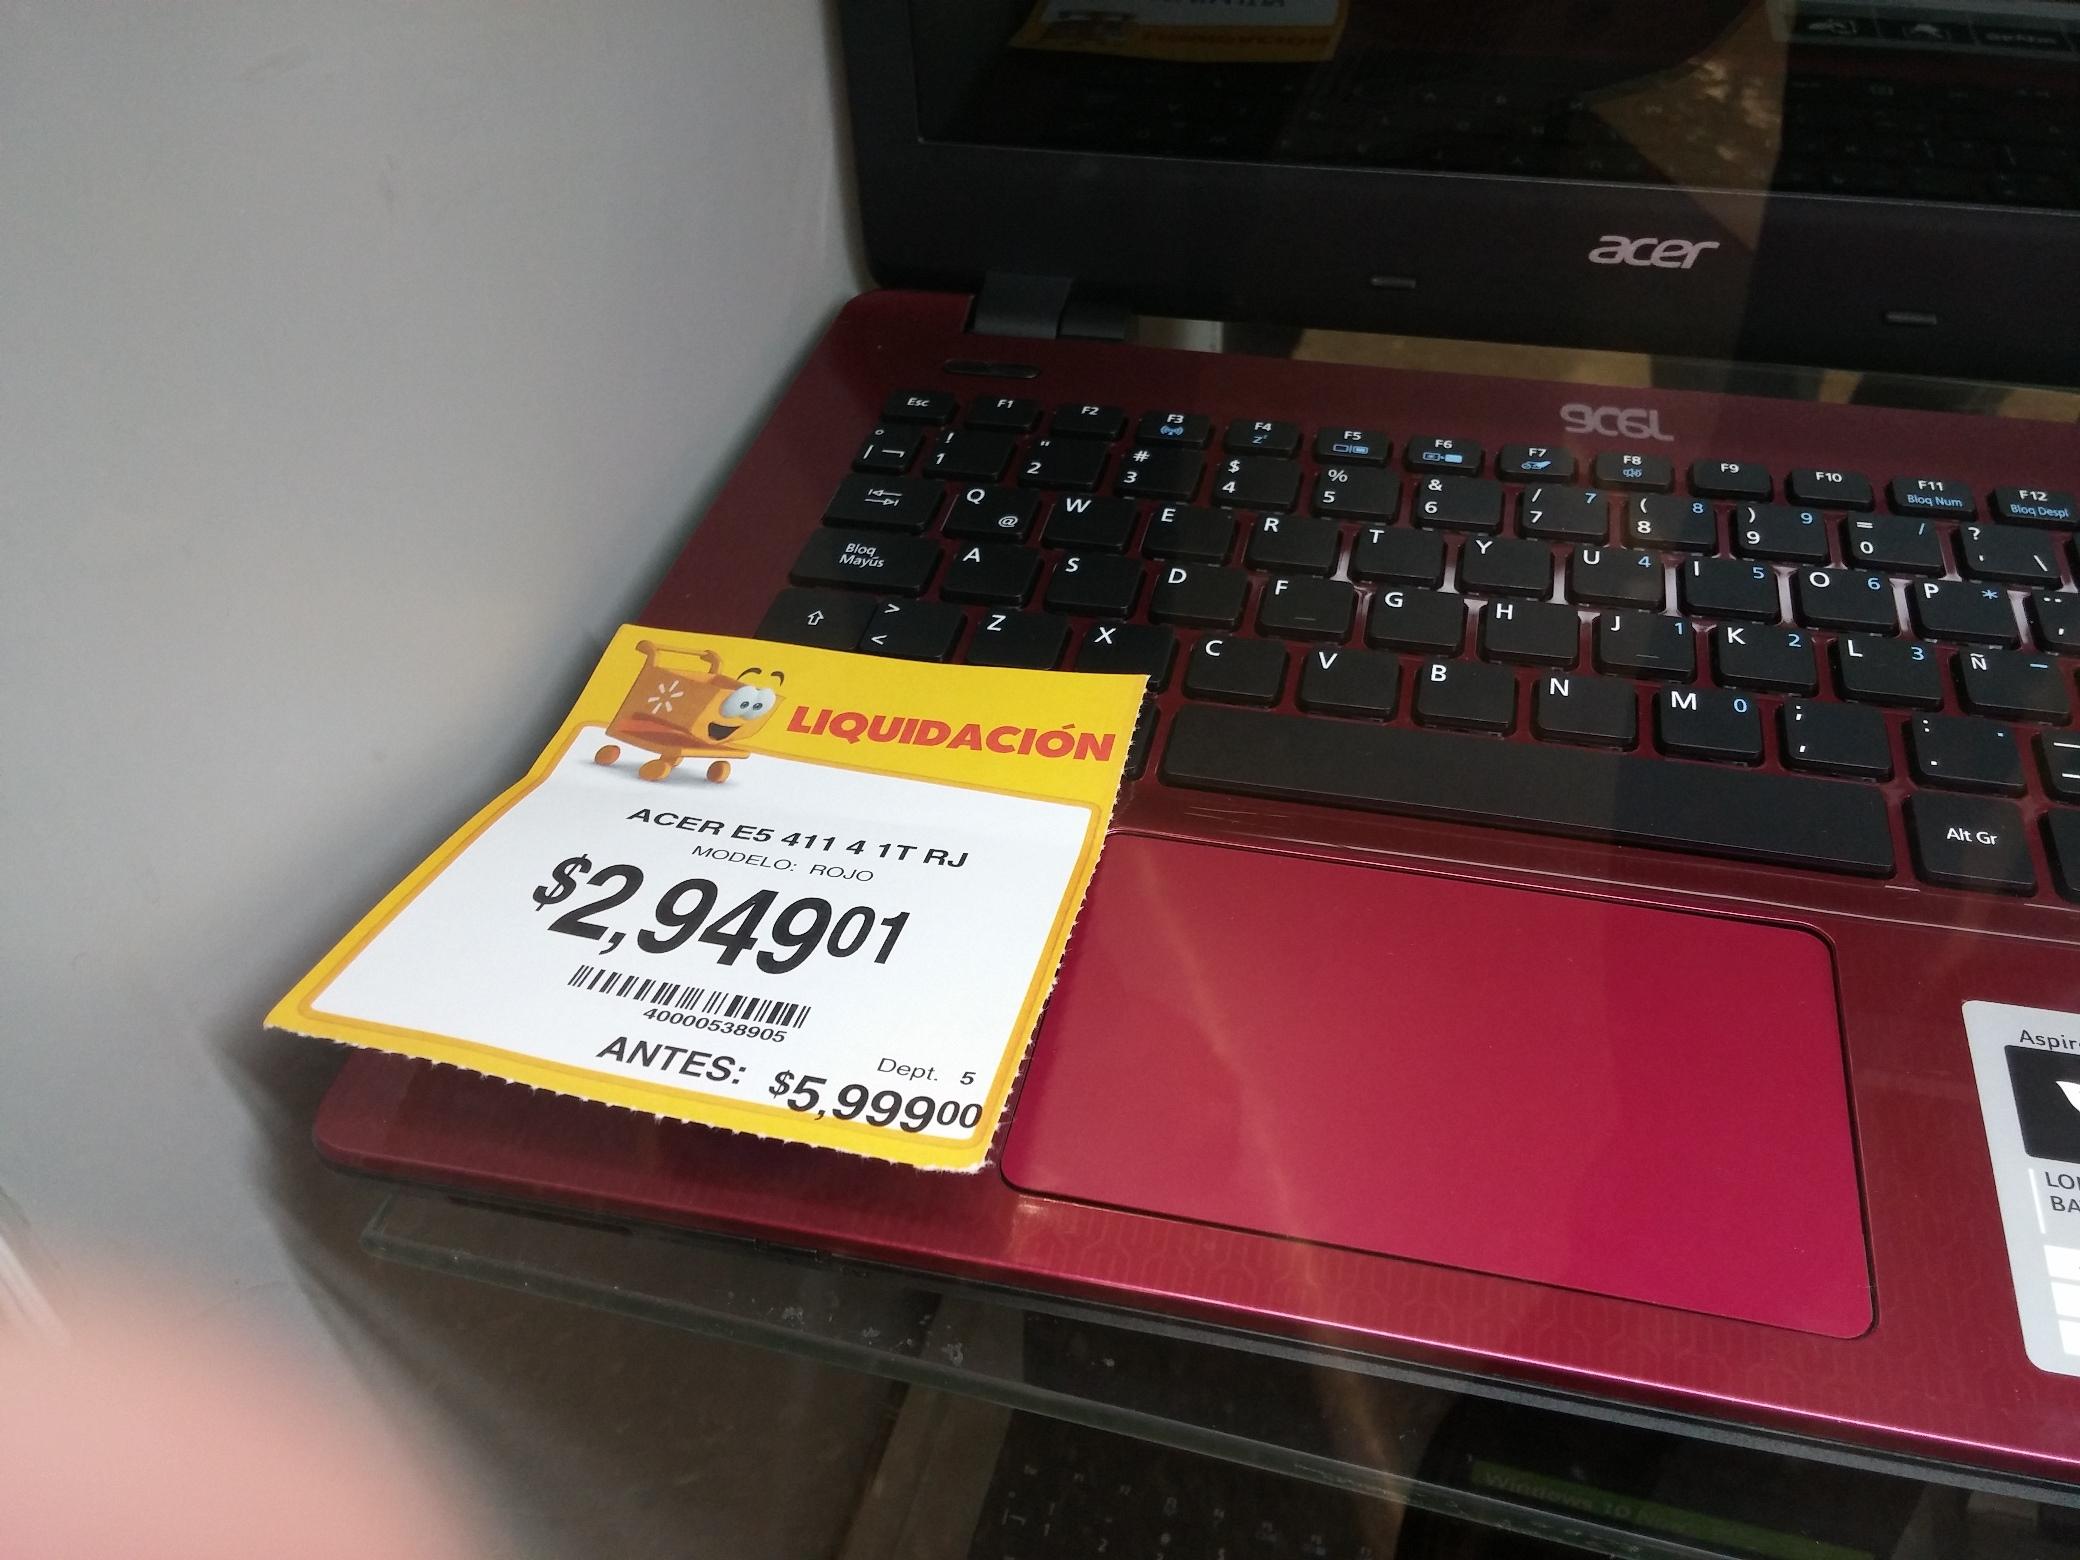 Walmart: Laptop Acer E5 (Liquidación) a $2,949.01